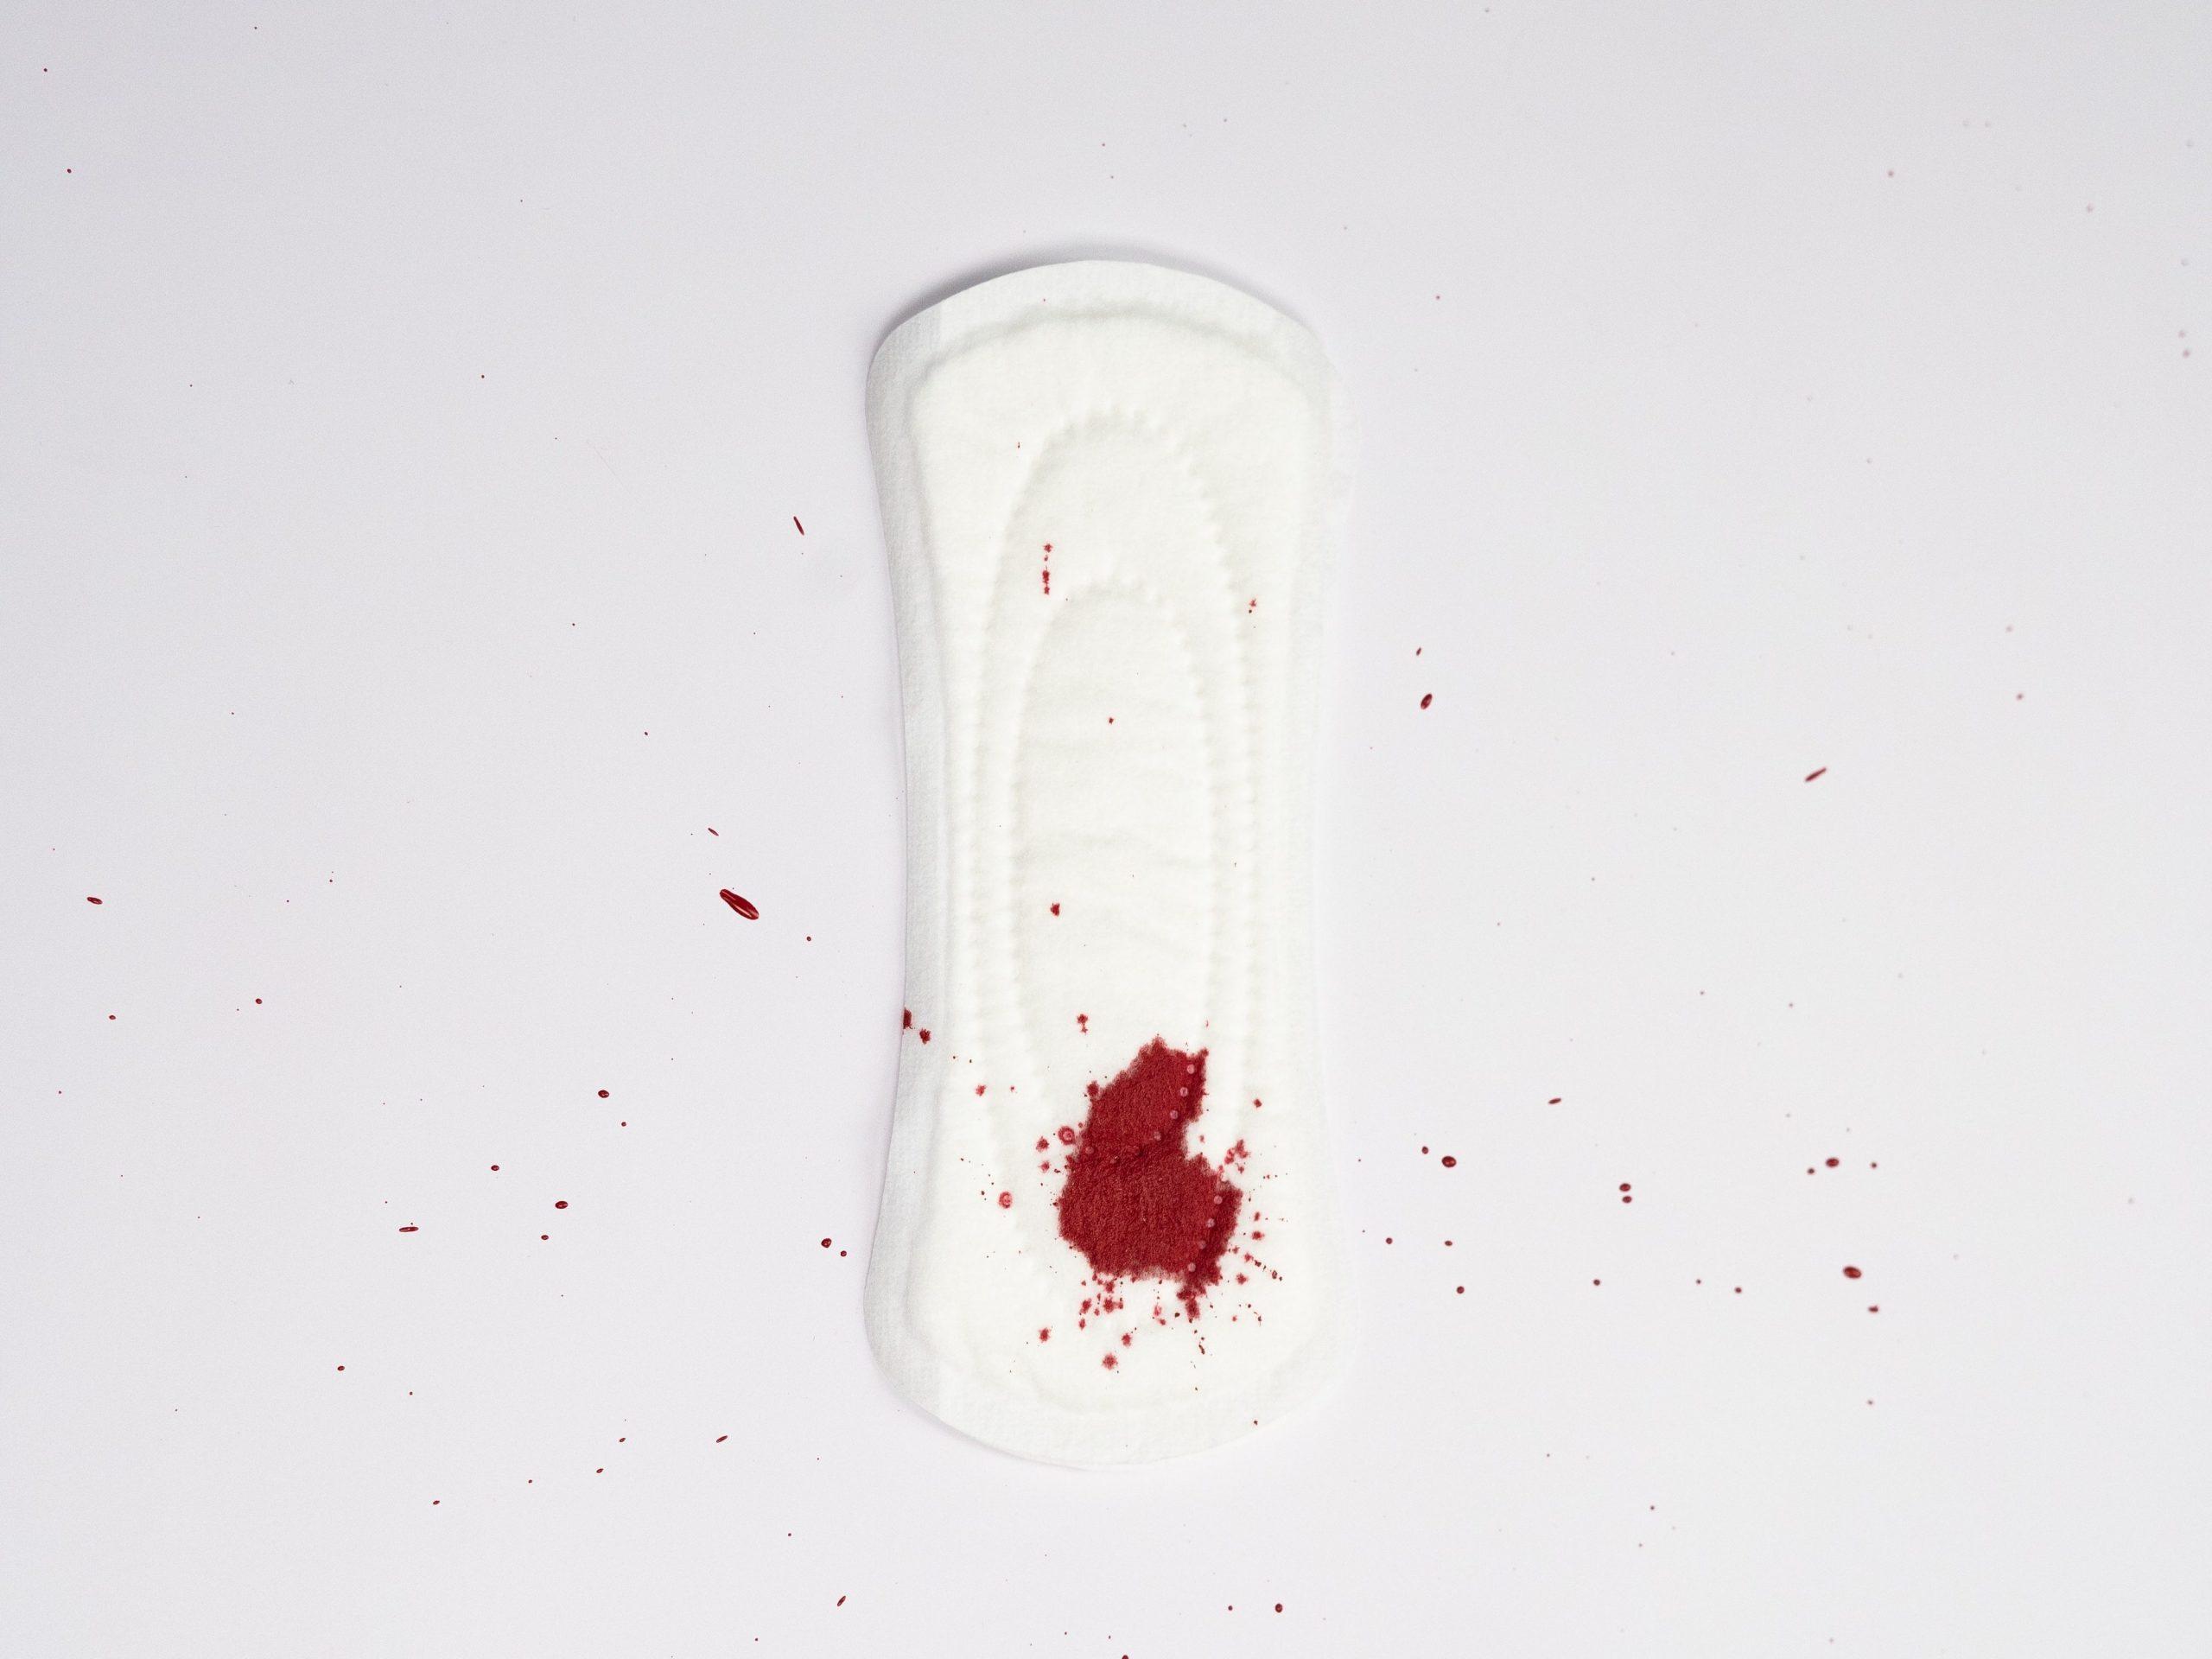 rahim tidak sihat